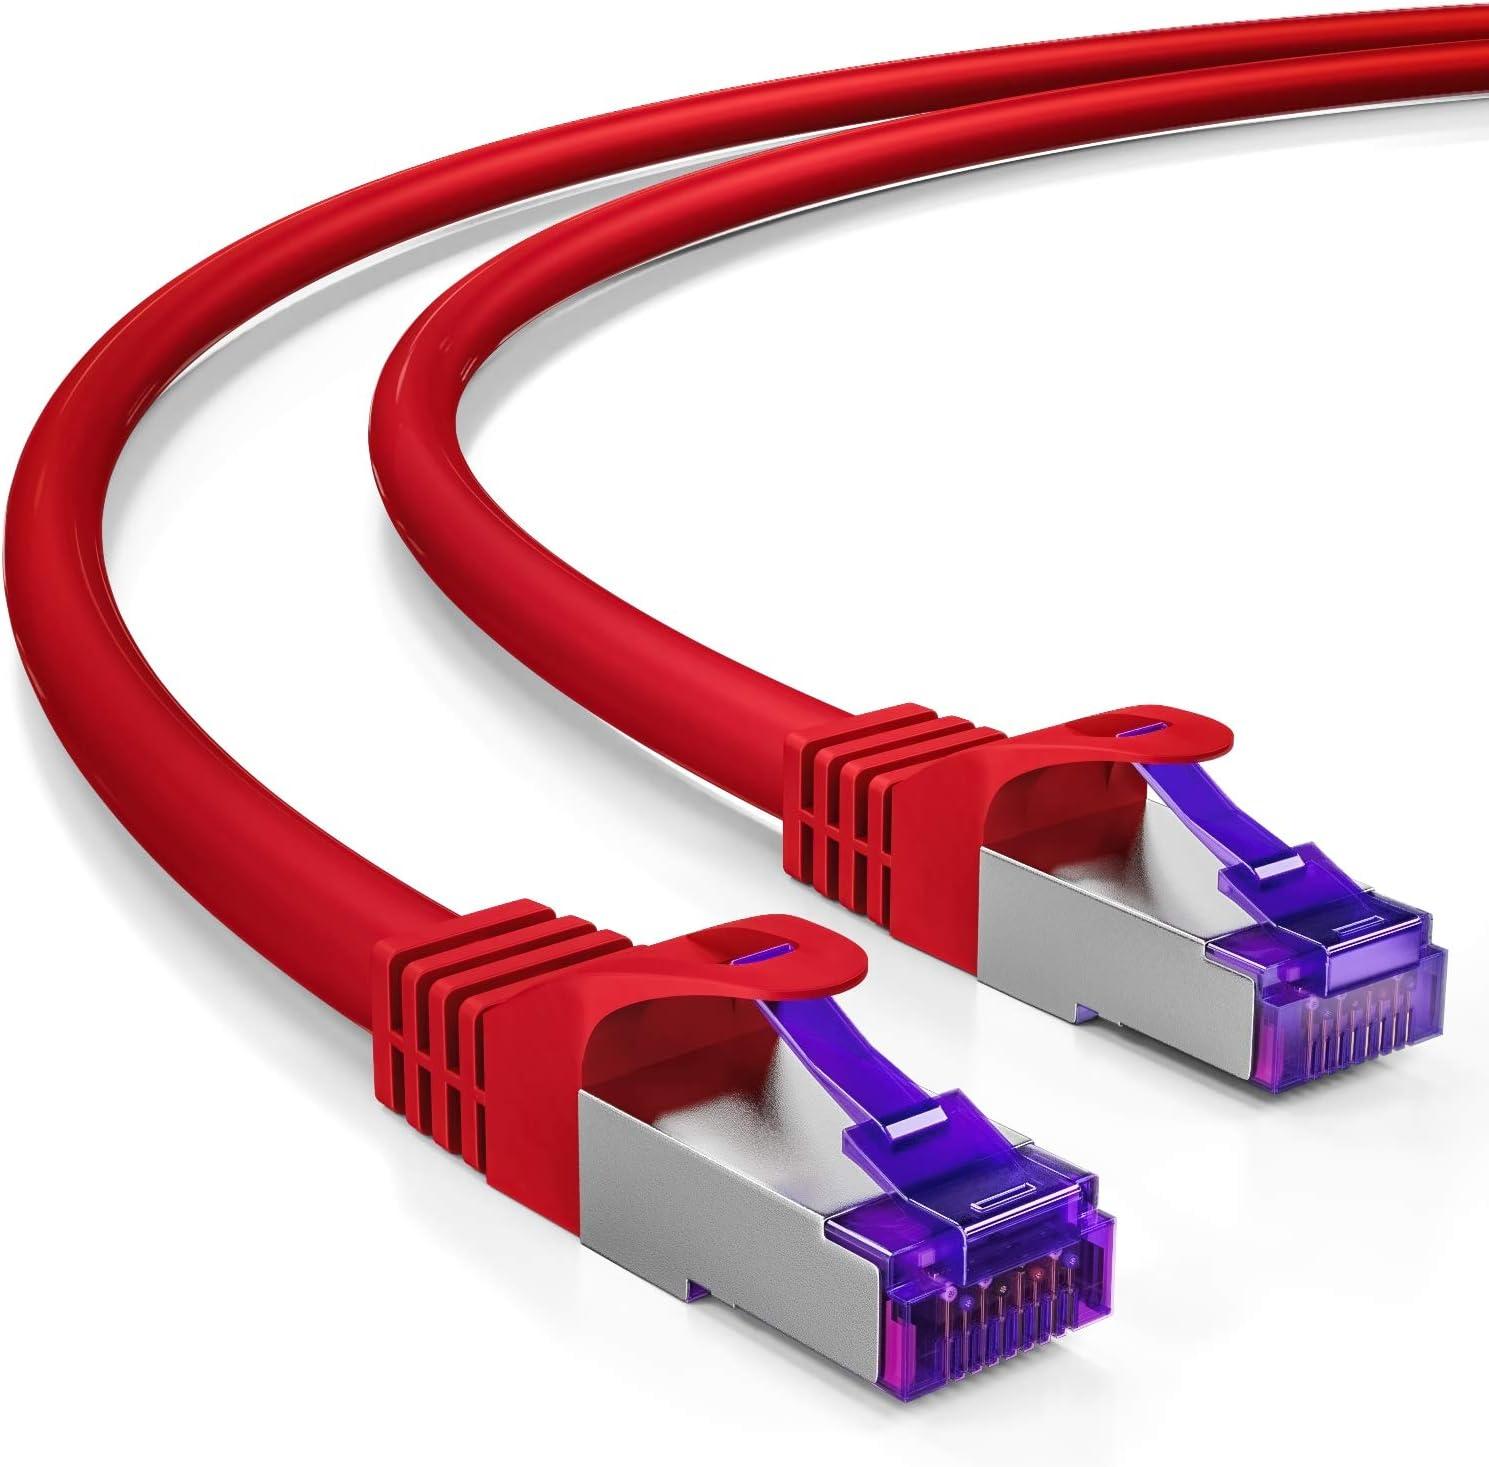 deleyCON 5X 2m RJ45 Cable de Conexi/ón Ethernet /& Red con Cable en Bruto CAT7 S-FTP PiMF Blindaje Gigabit LAN SFTP Cobre DSL Conmutador Enrutador Patch Panel Colorido